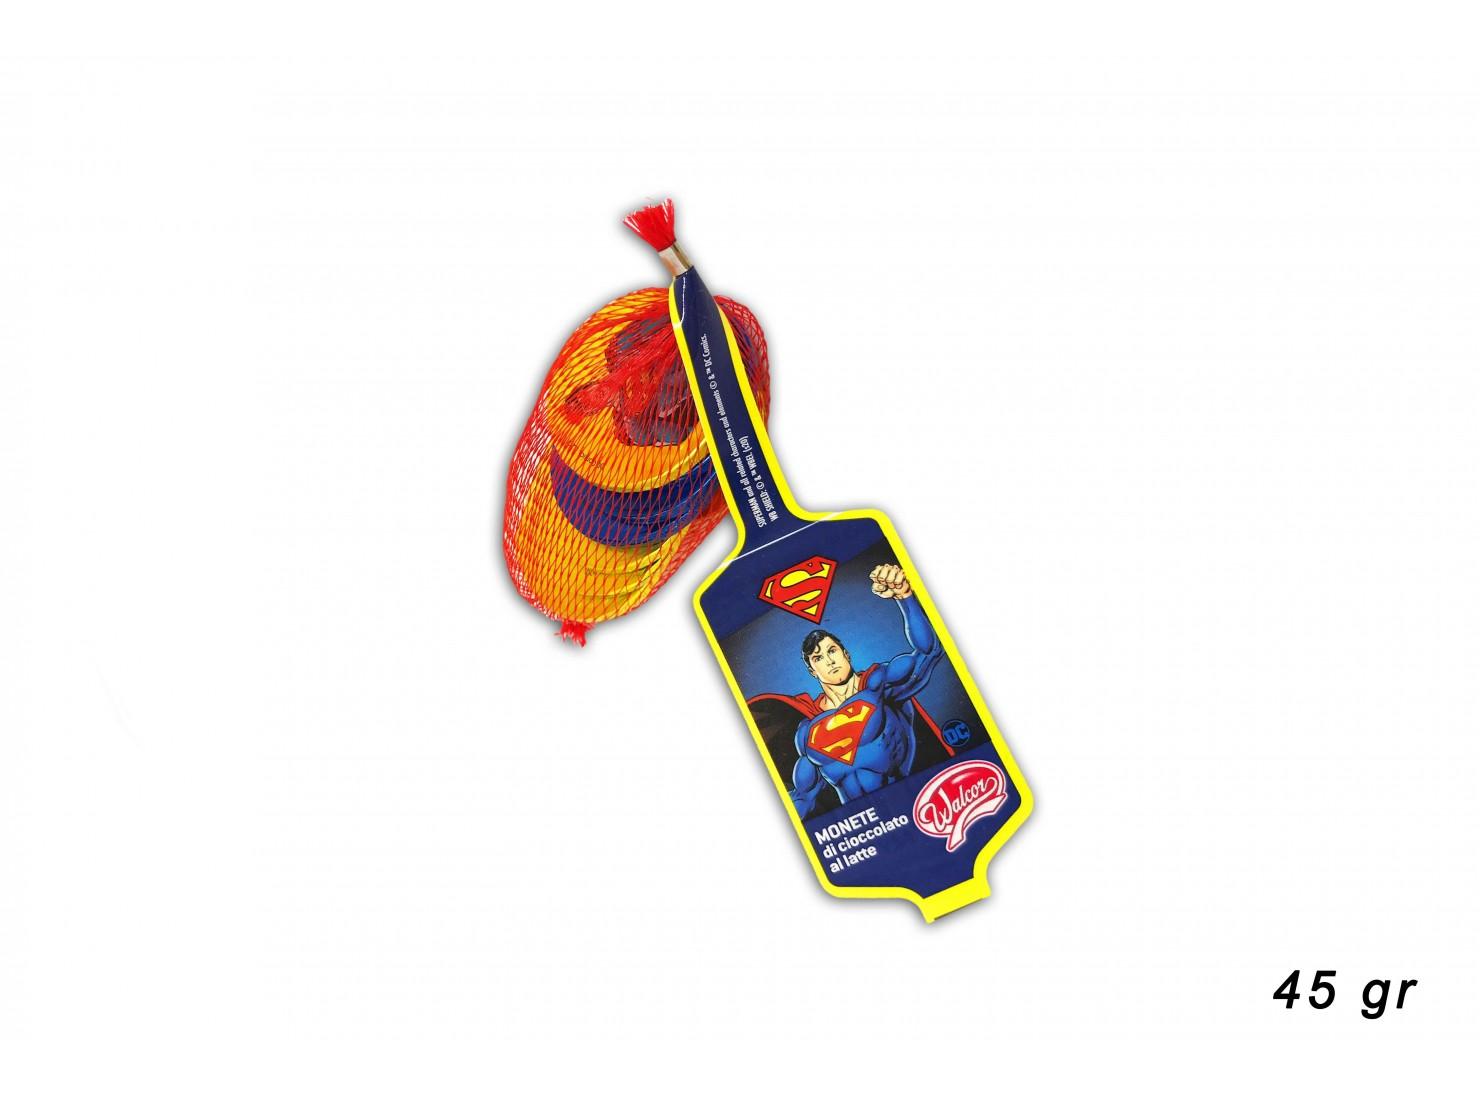 RETINA WALCOR SUPERMAN 45 GR